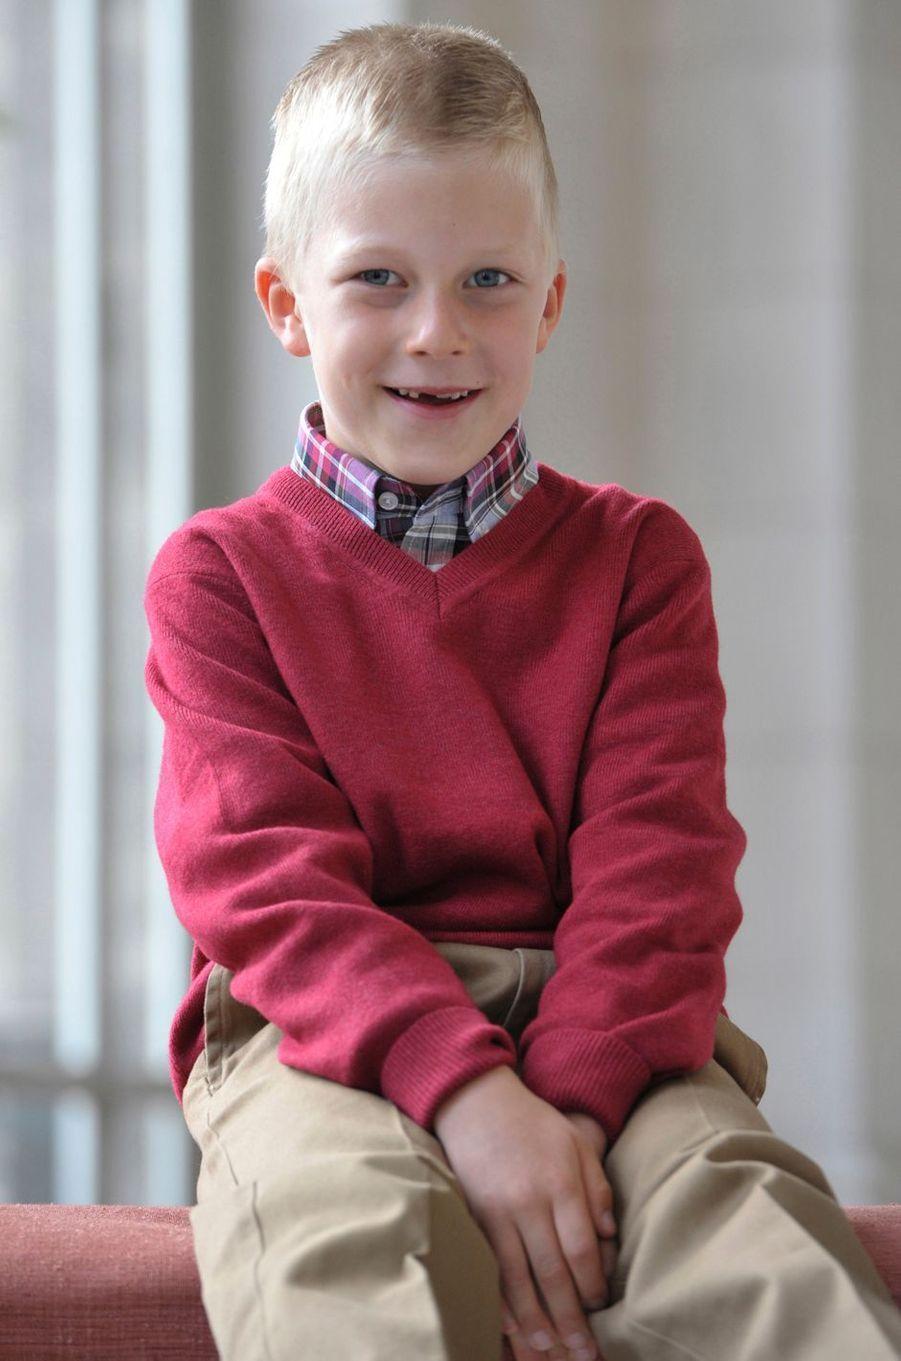 Le prince Emmanuel de Belgique. Photo diffusée le 27 décembre 2012